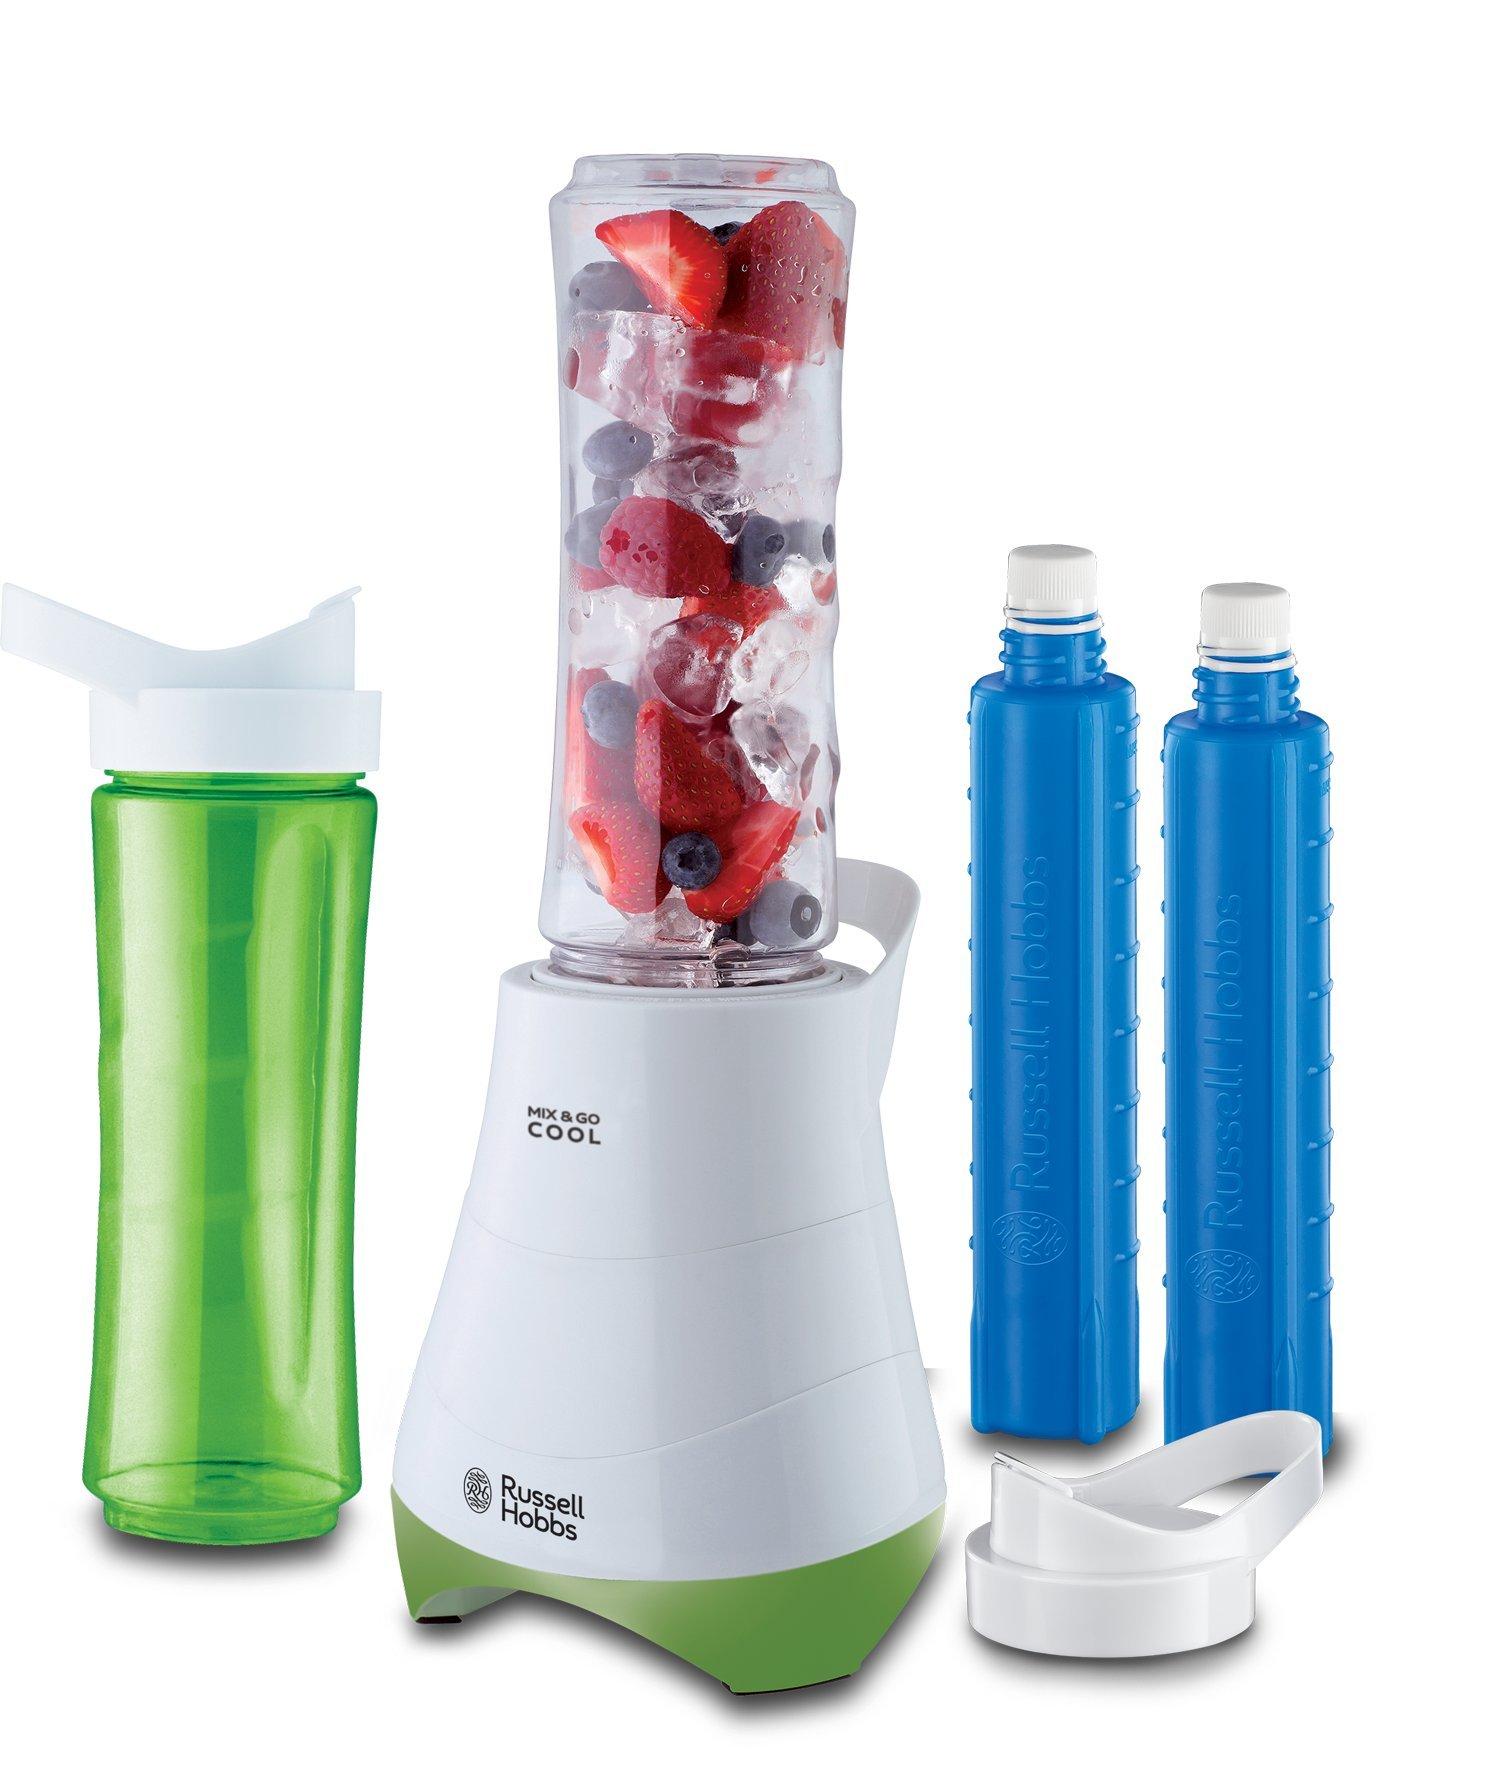 Russell-Hobbs-21350-56-StandmixerSmoothie-Maker-Mix-Go-Cool-inkl-2-Trinkflaschen-mit-Khlakku-600ml-300-Watt-weigrn